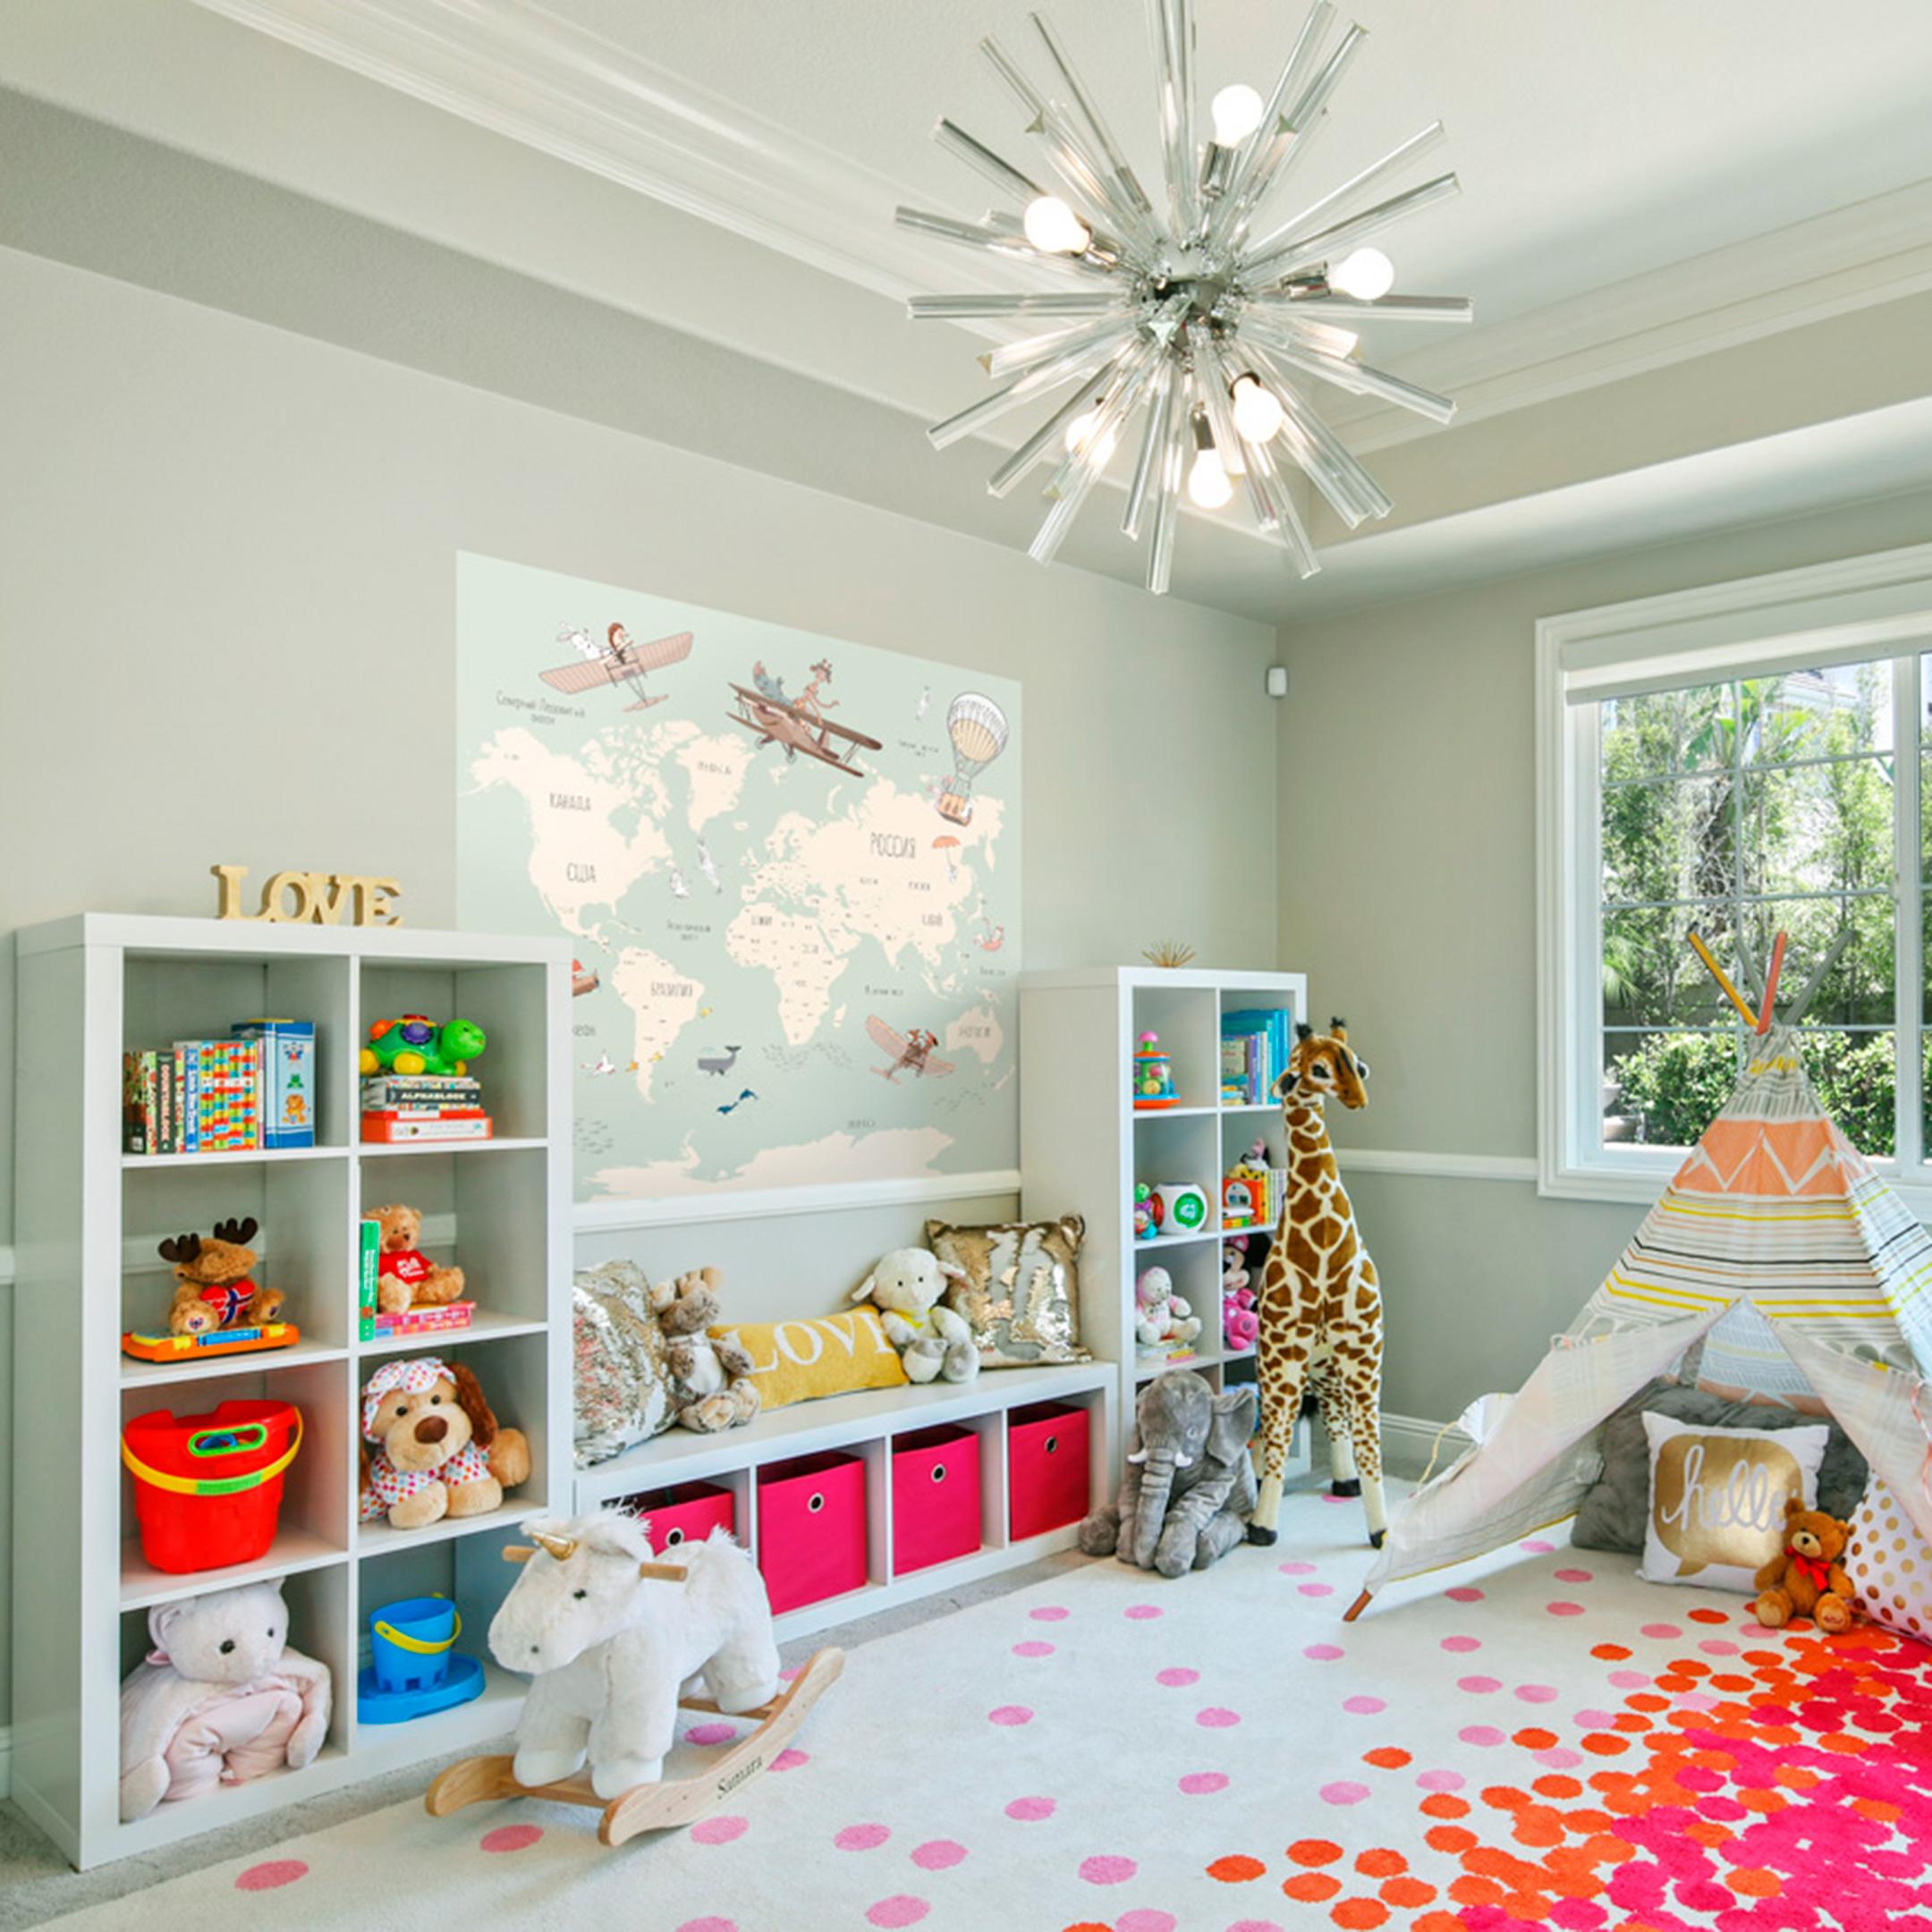 Картинки с детскими спальнями